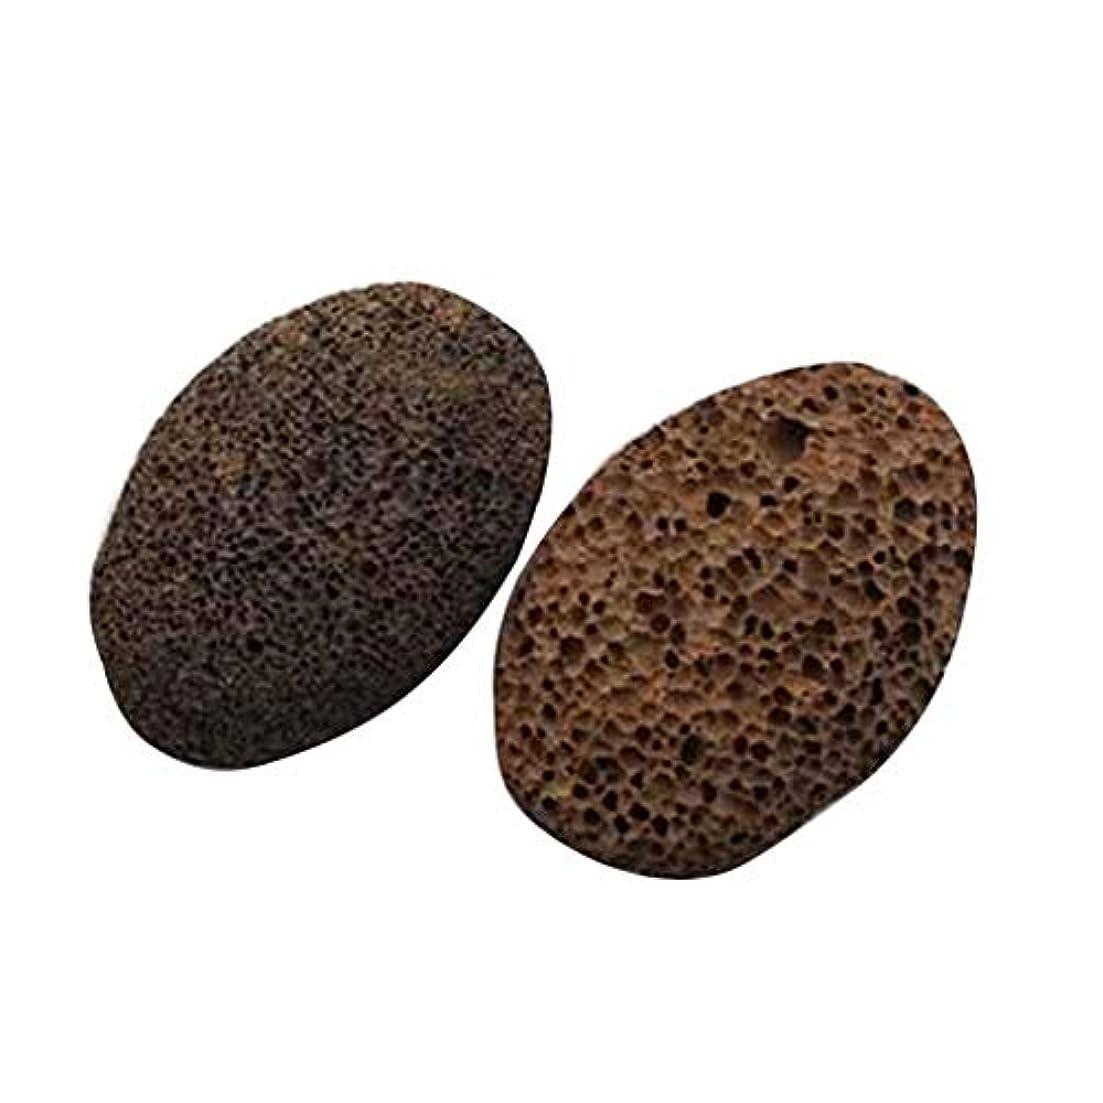 子供っぽいカビオーブンNerhaily 死んだ皮軽石を取り除き 足石を挽いて 自然の火山石を剥がします 足マッサージ石 ワイプ足石 2個セット